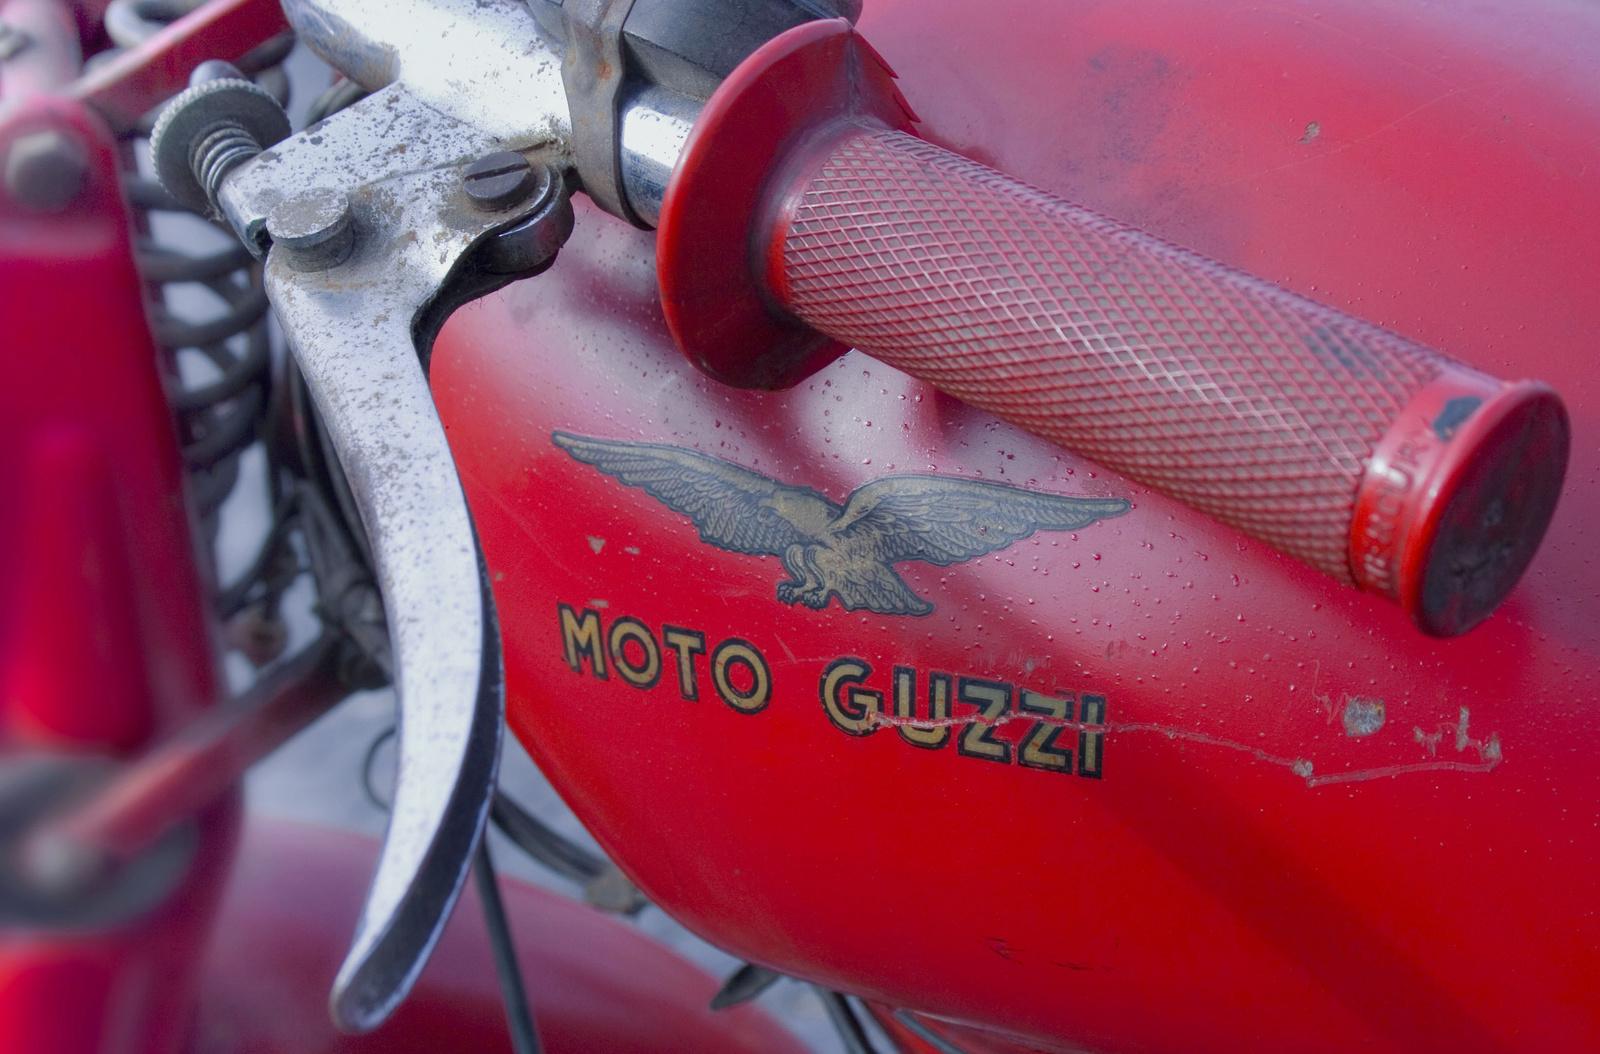 Moto Guzzi 1955 kormany